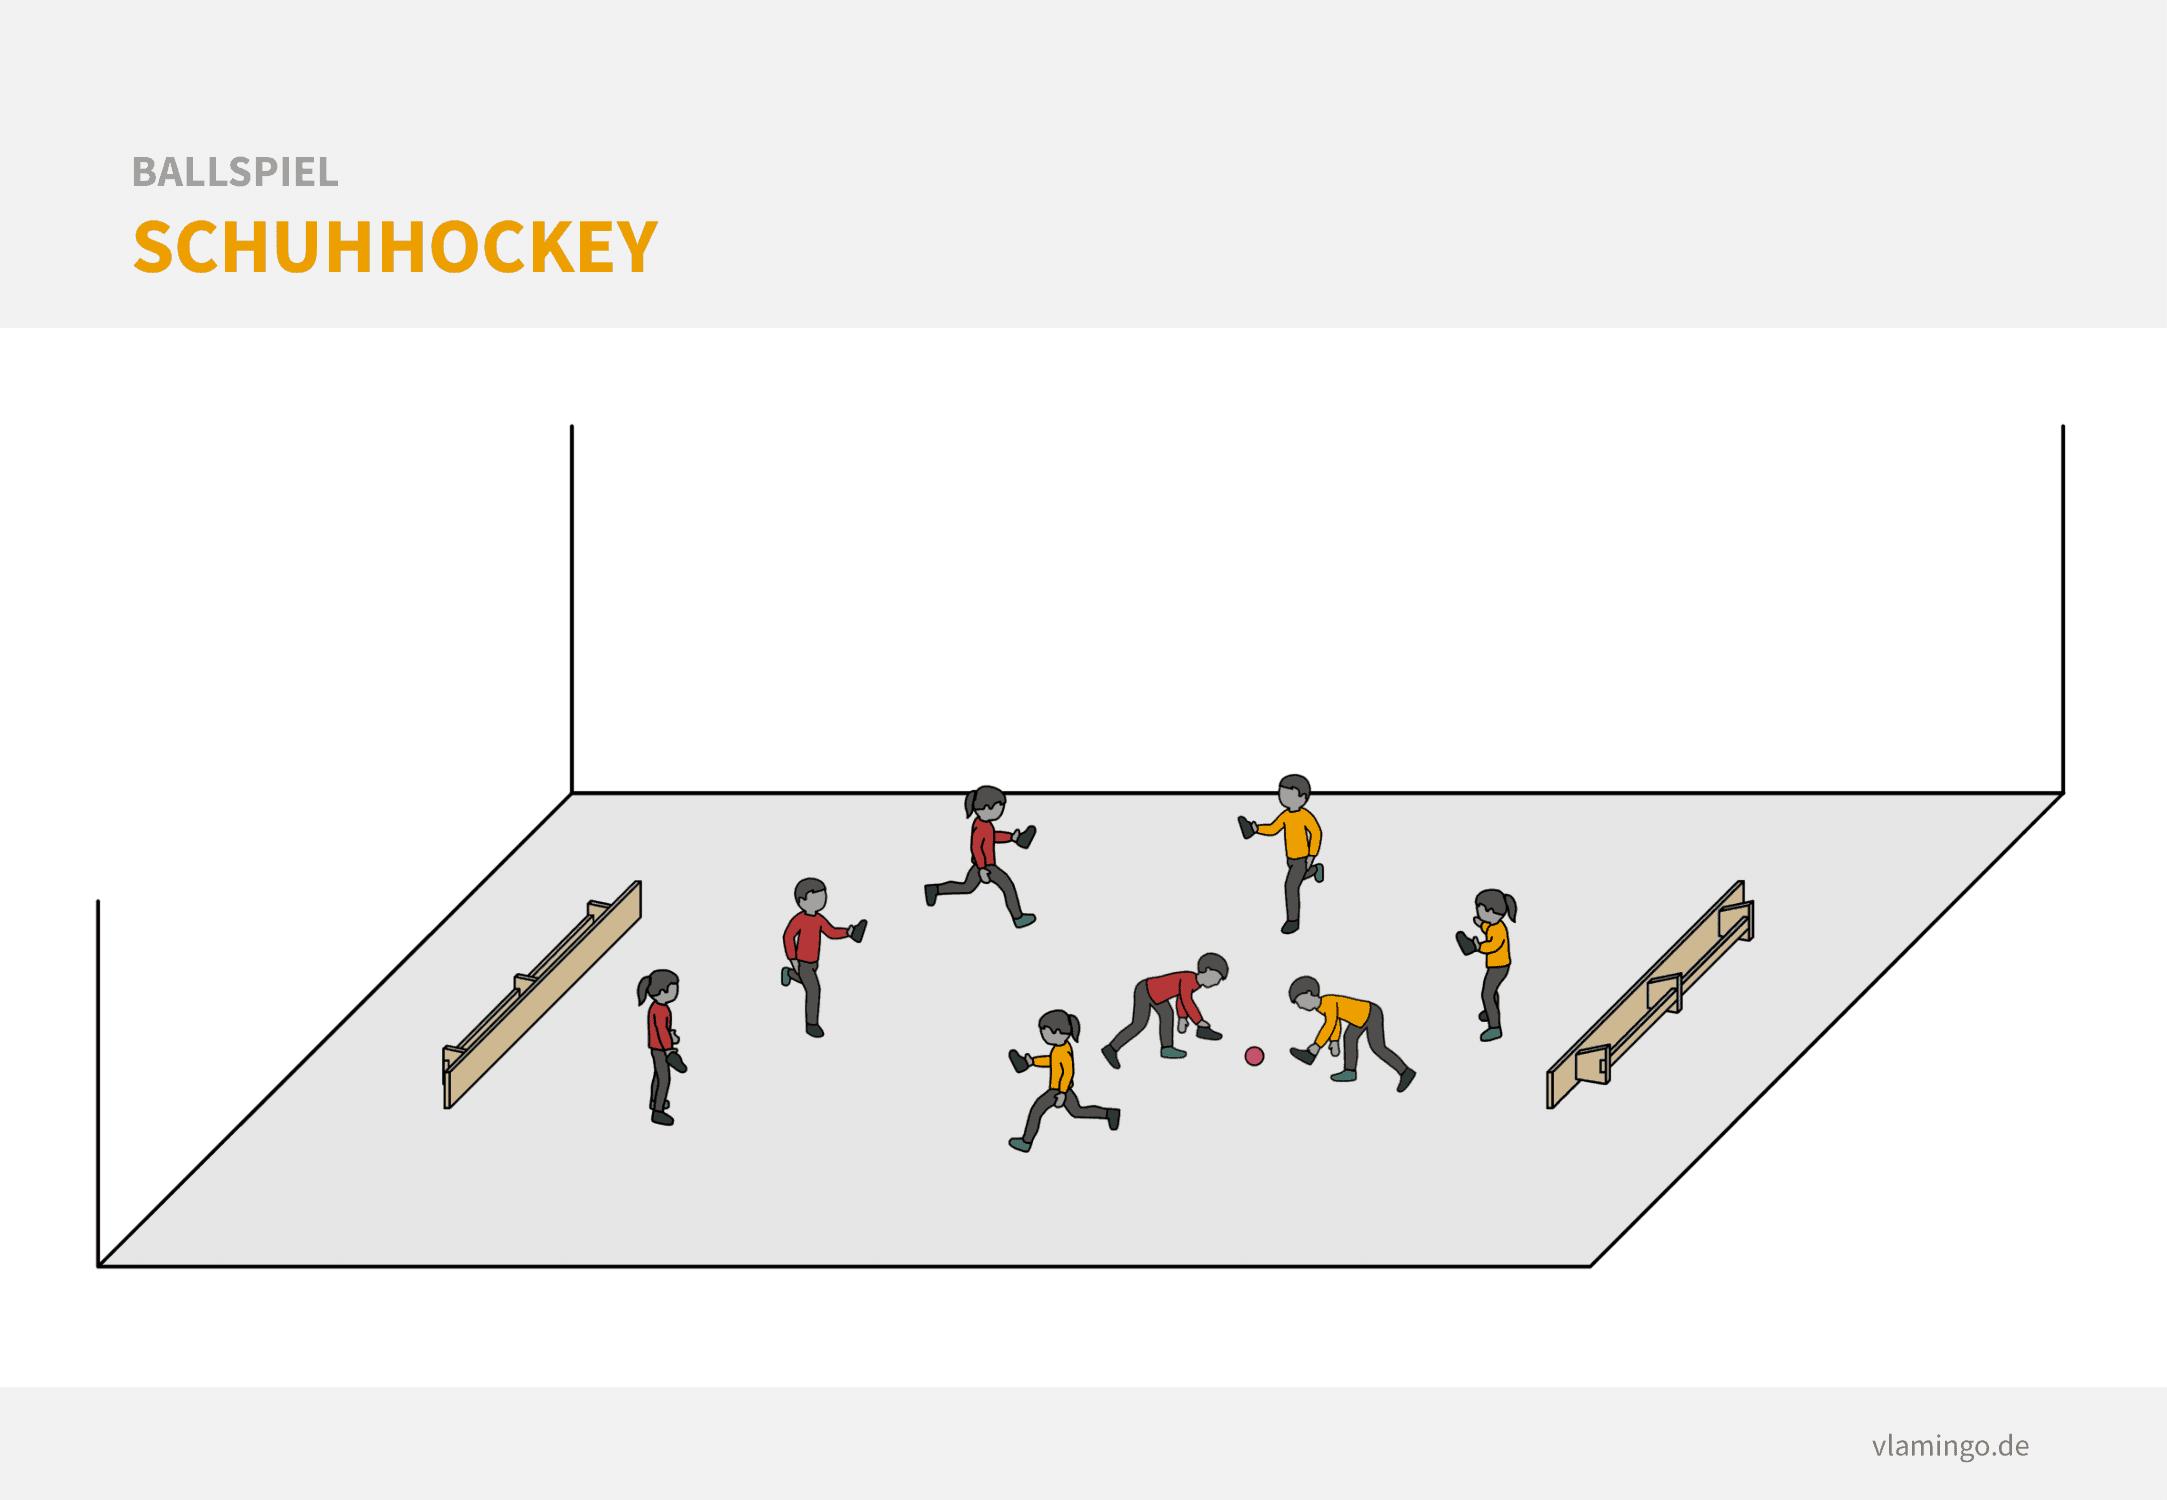 Ballspiel: Schuhhockey